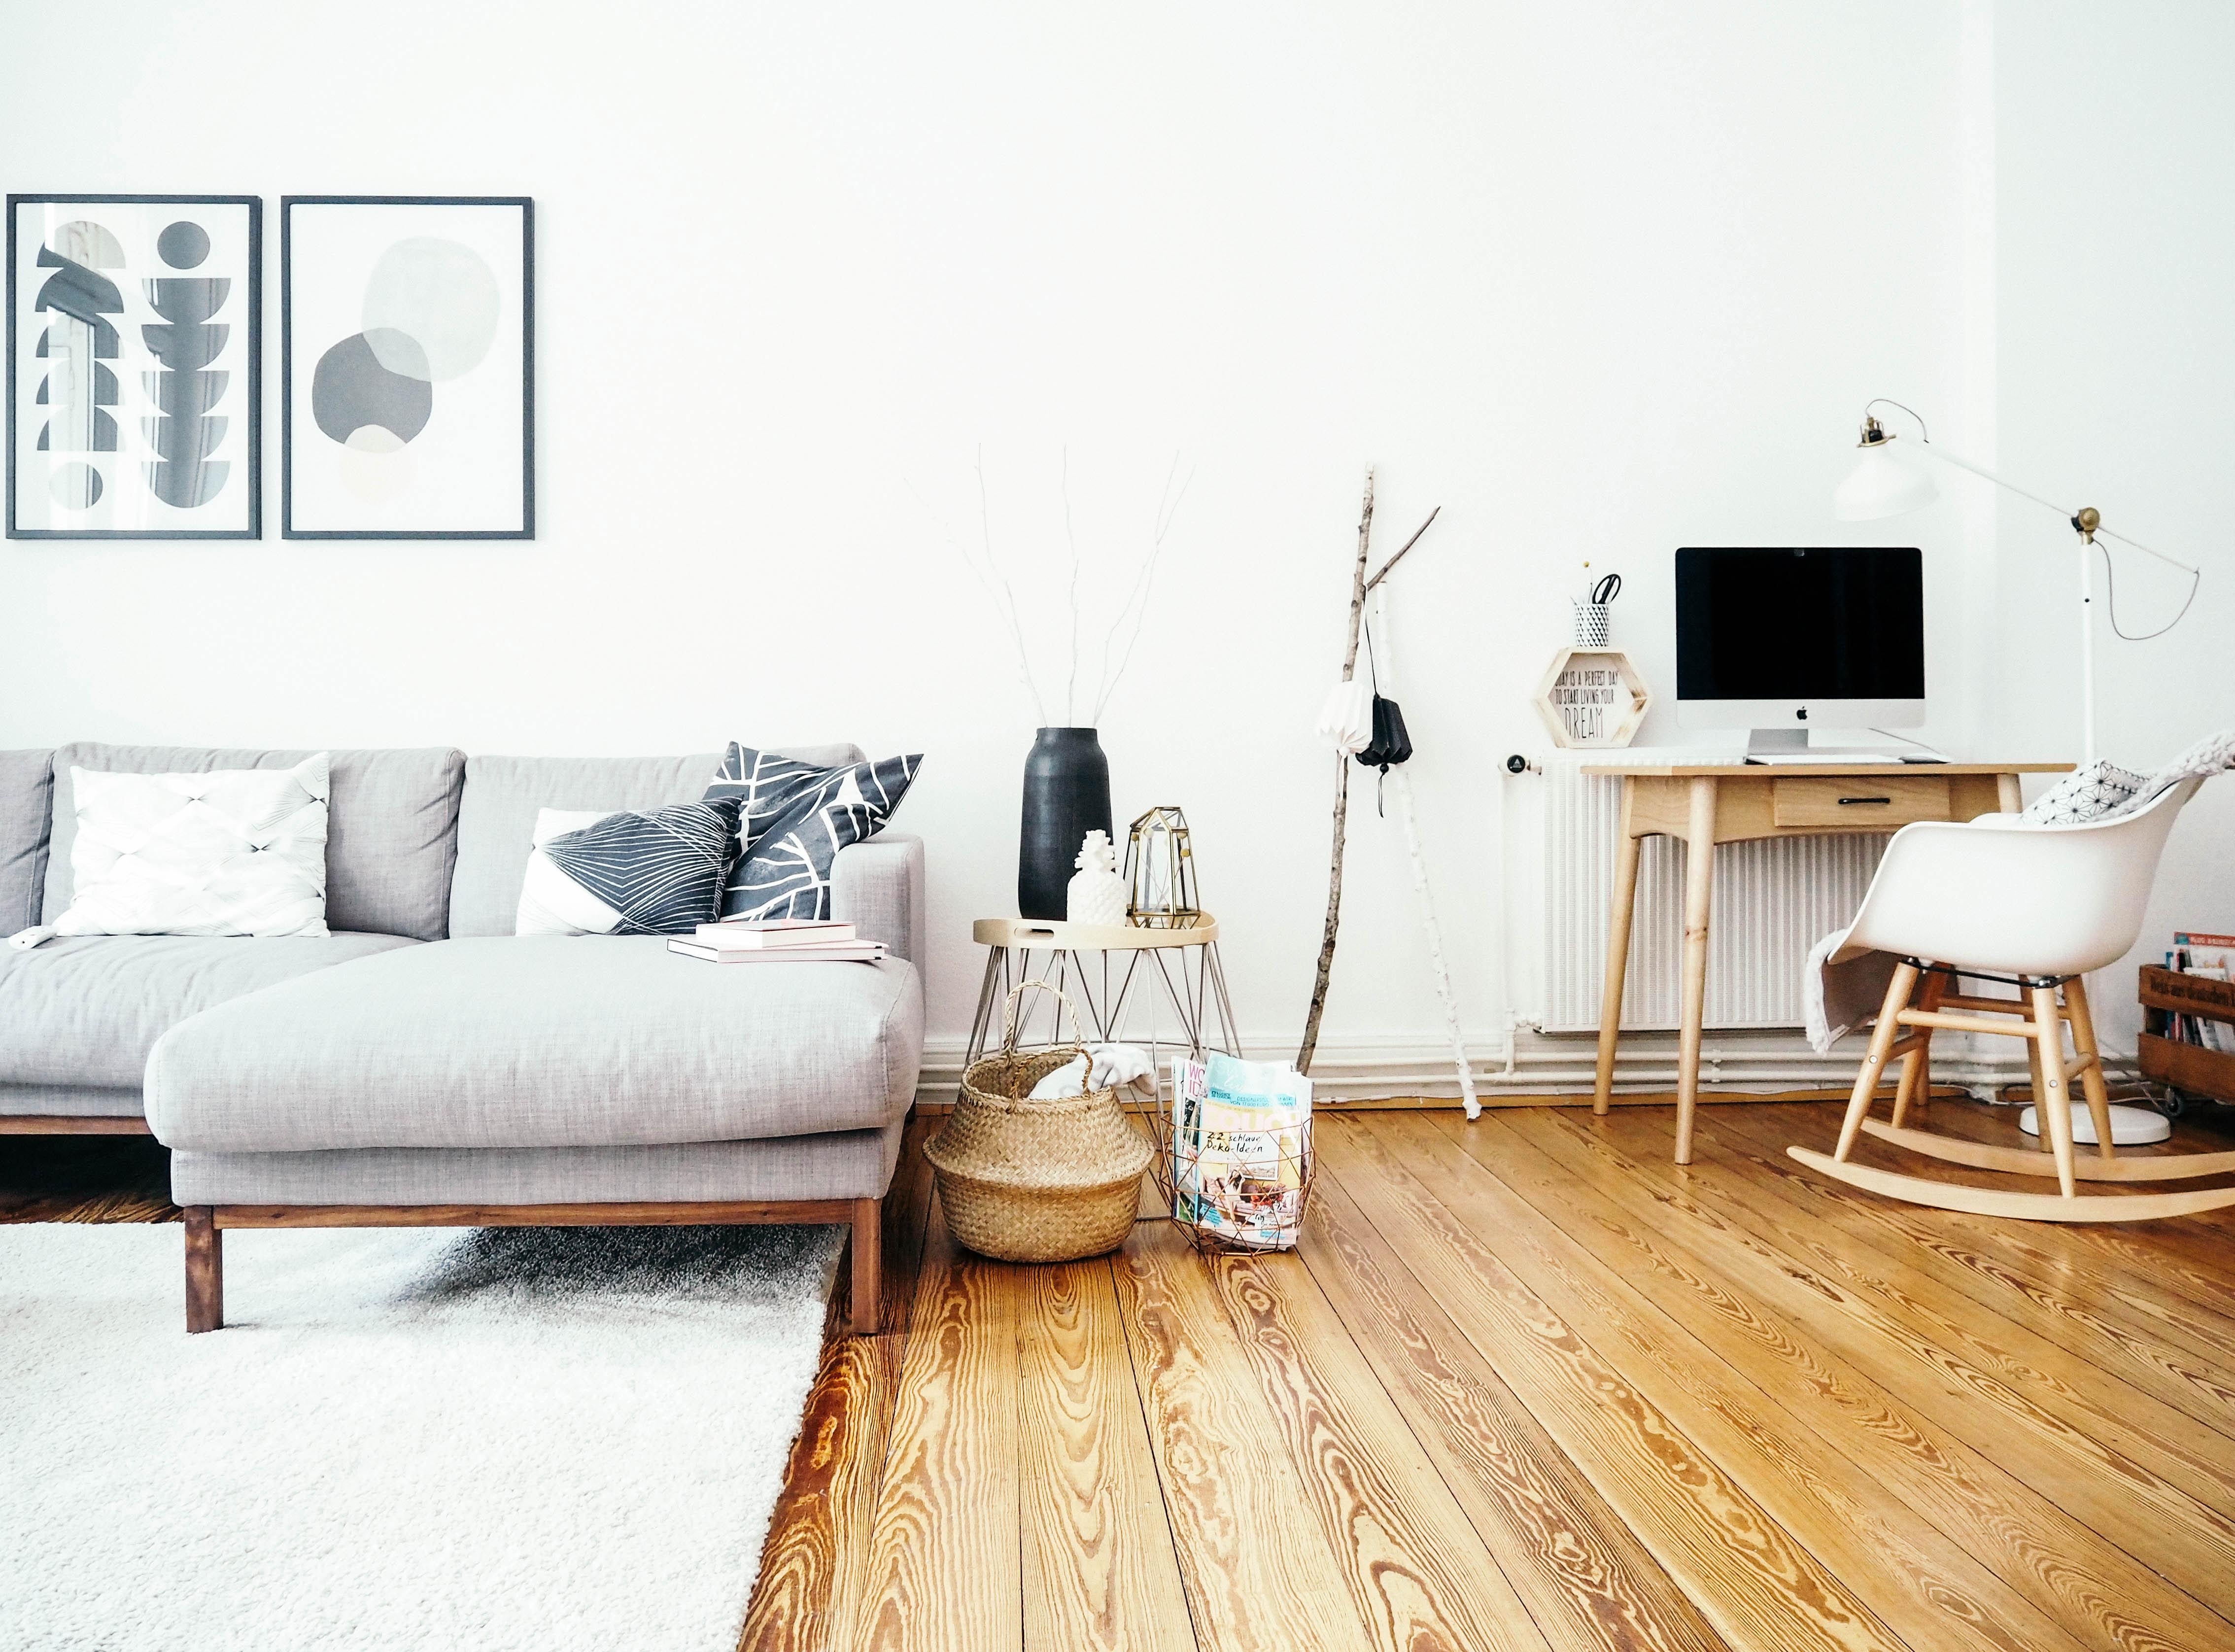 Herbst-Look im Wohnzimmer und ein Neuanfang